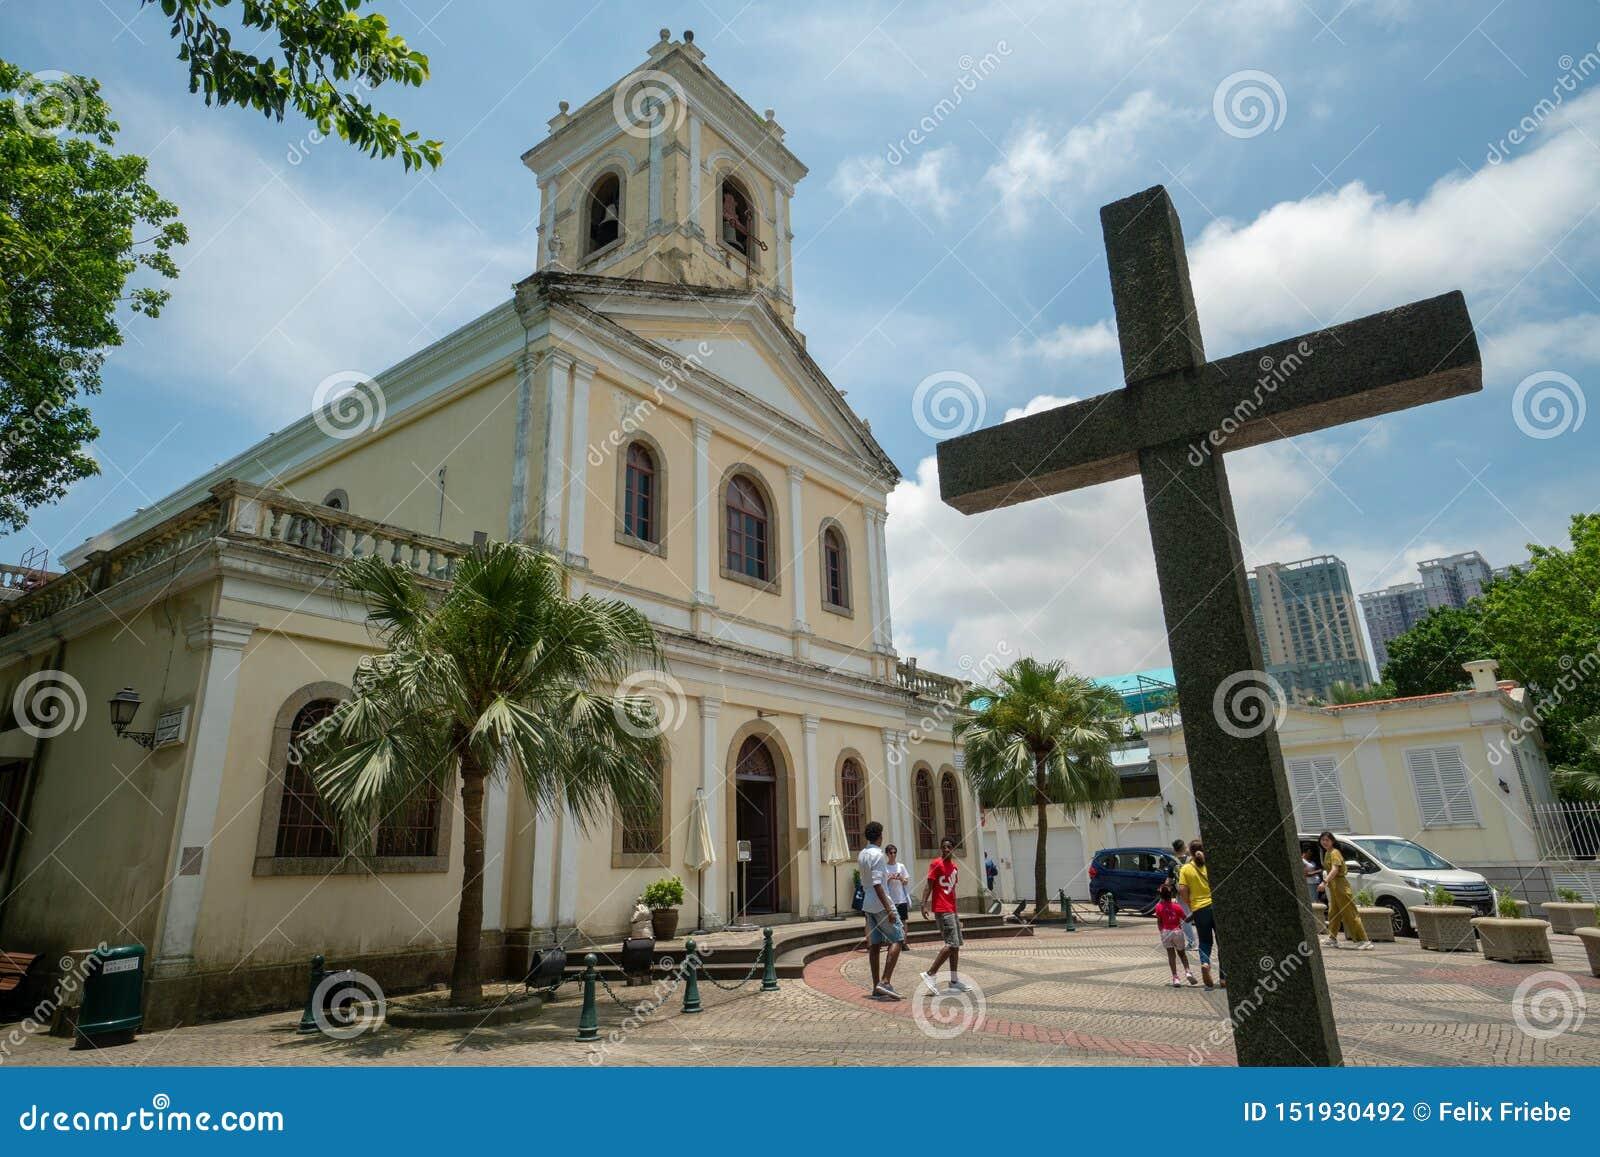 Church in Macau, PR China